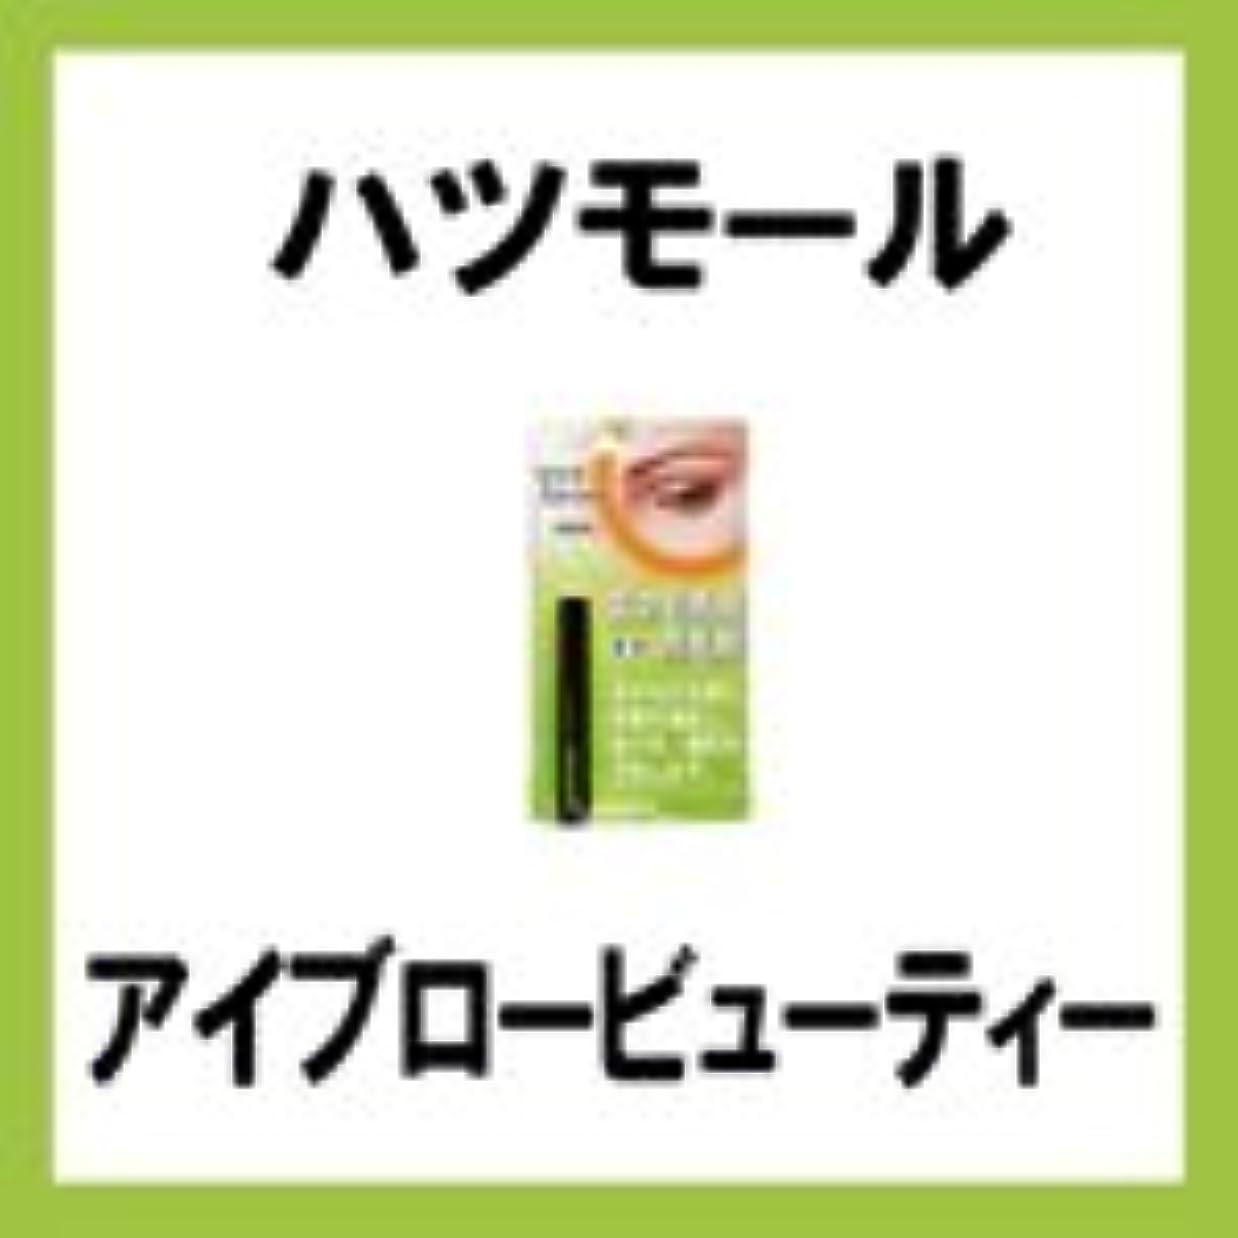 ハツモール アイブロービューティー 6ml 【田村治照堂】